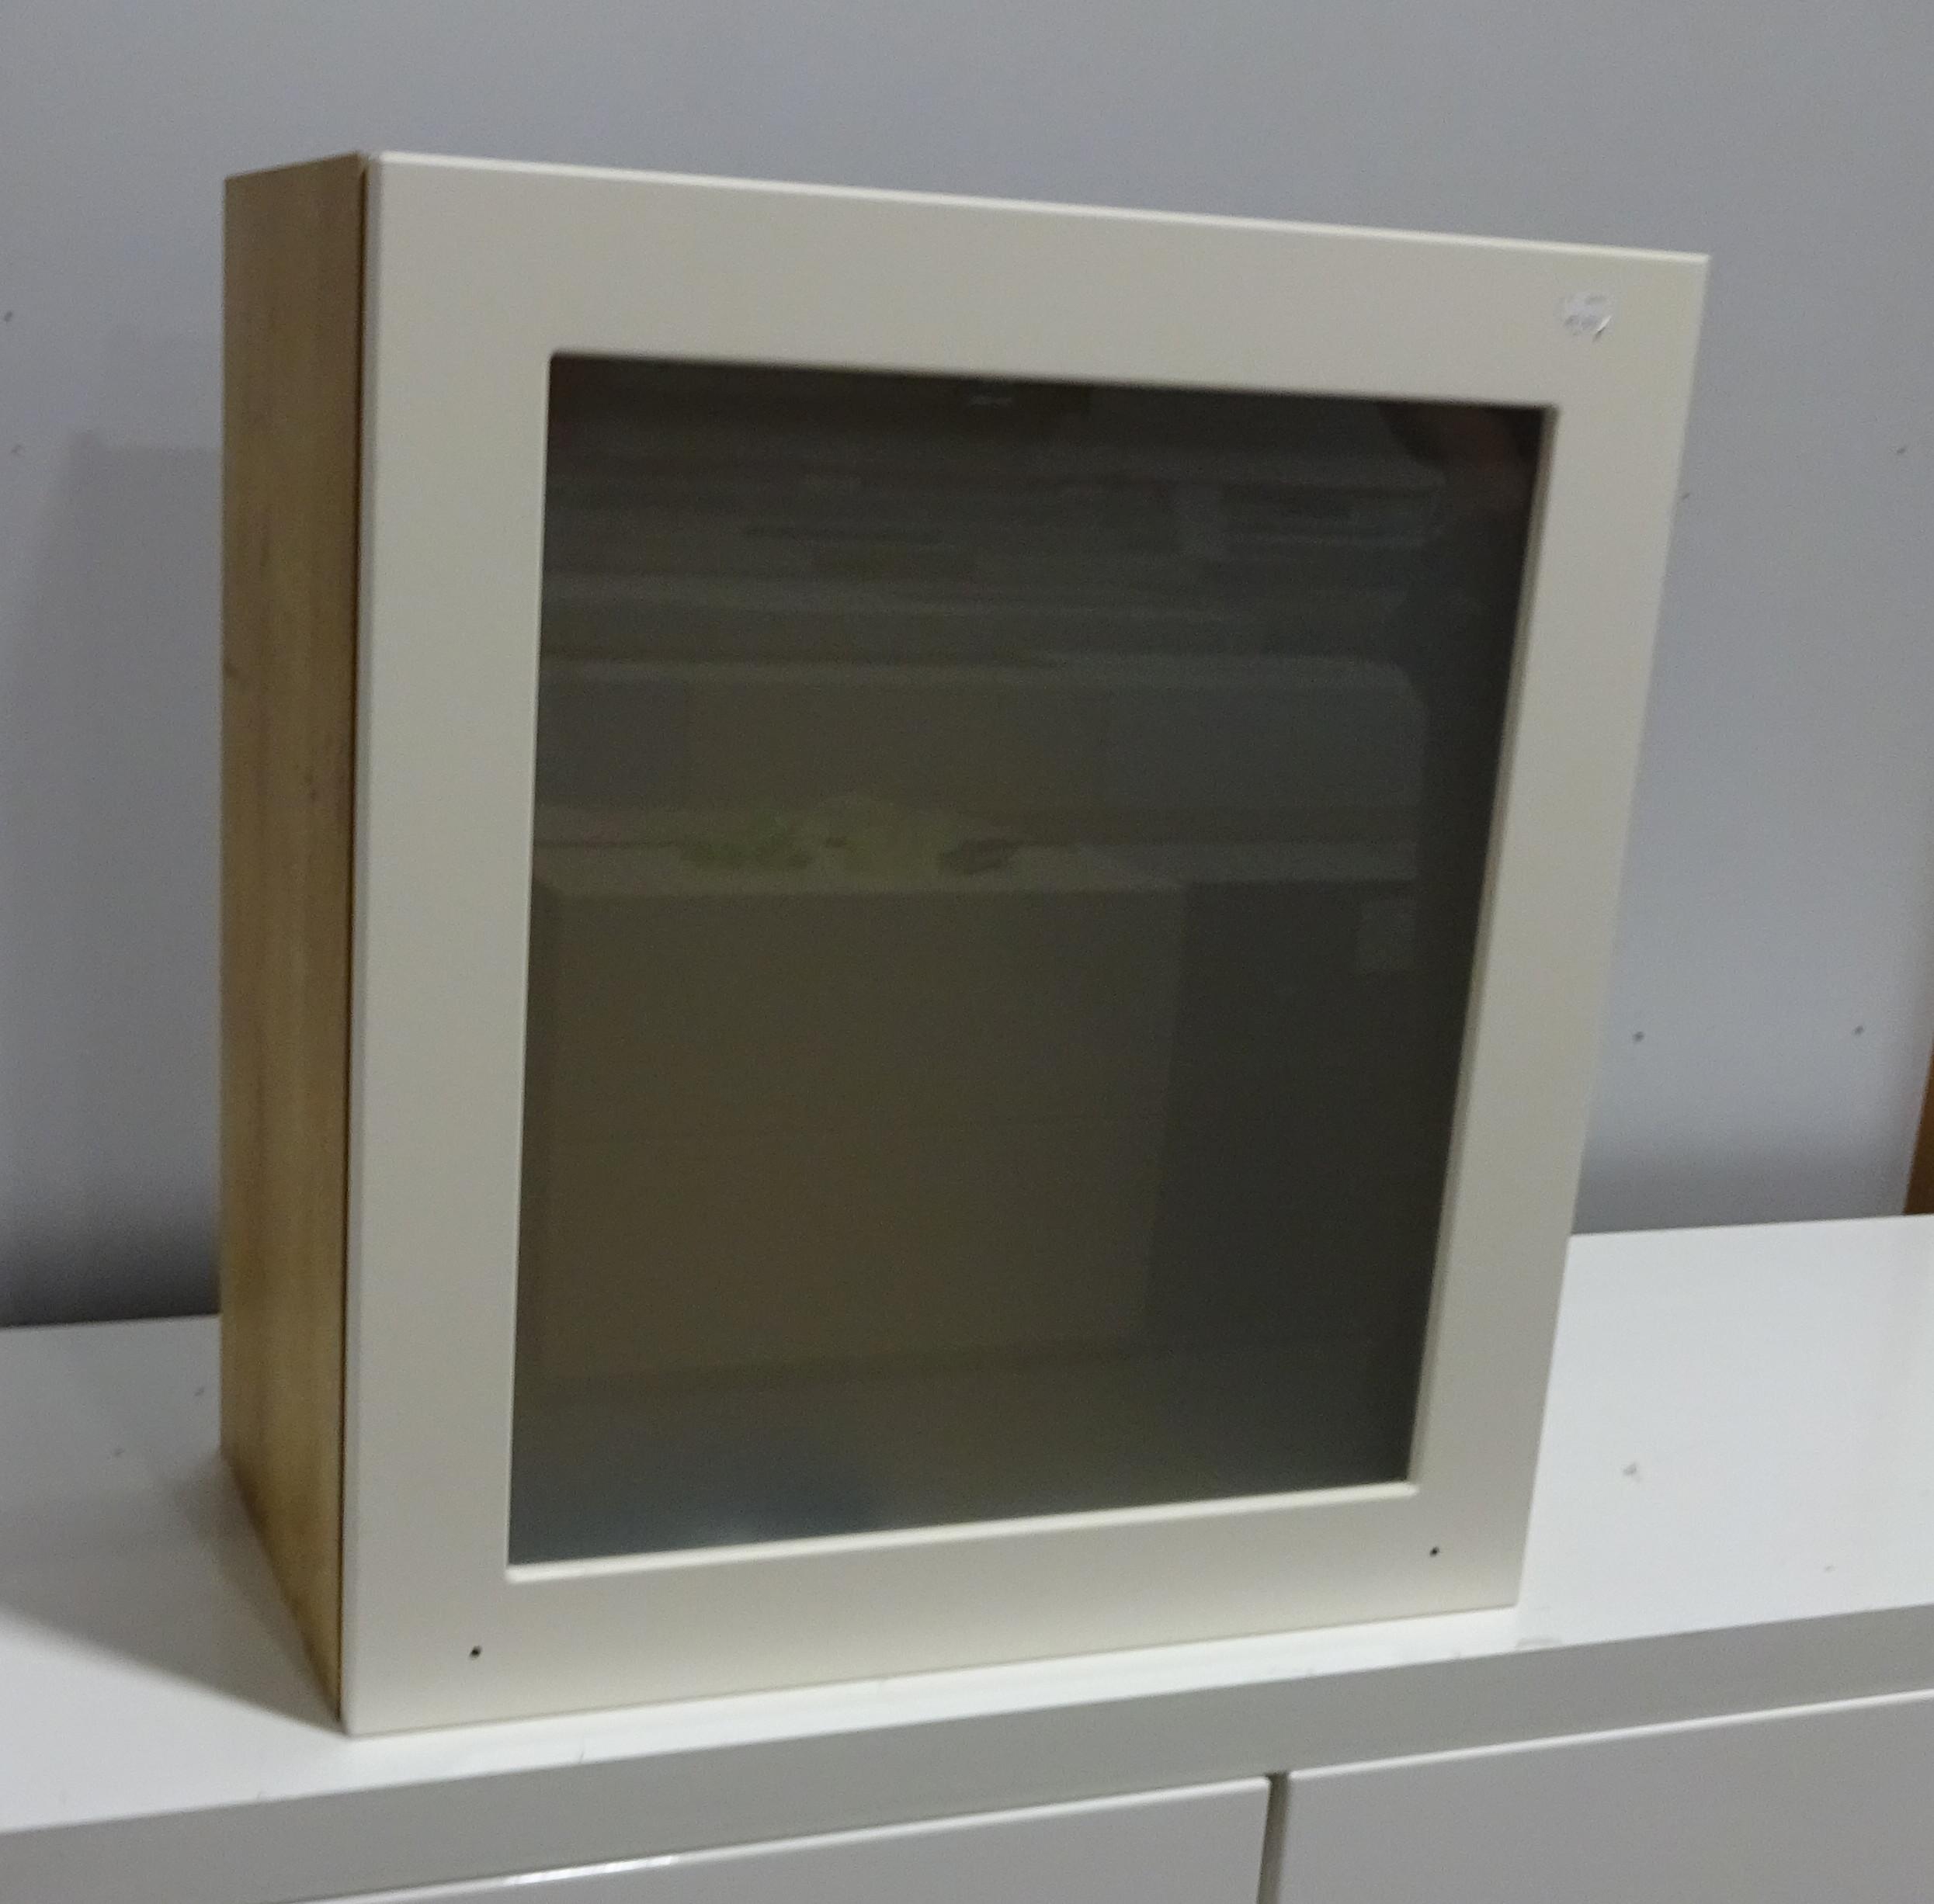 h ngeschrank wandschrank klappt r k che ausstellungsst ck in eiche provence ebay. Black Bedroom Furniture Sets. Home Design Ideas